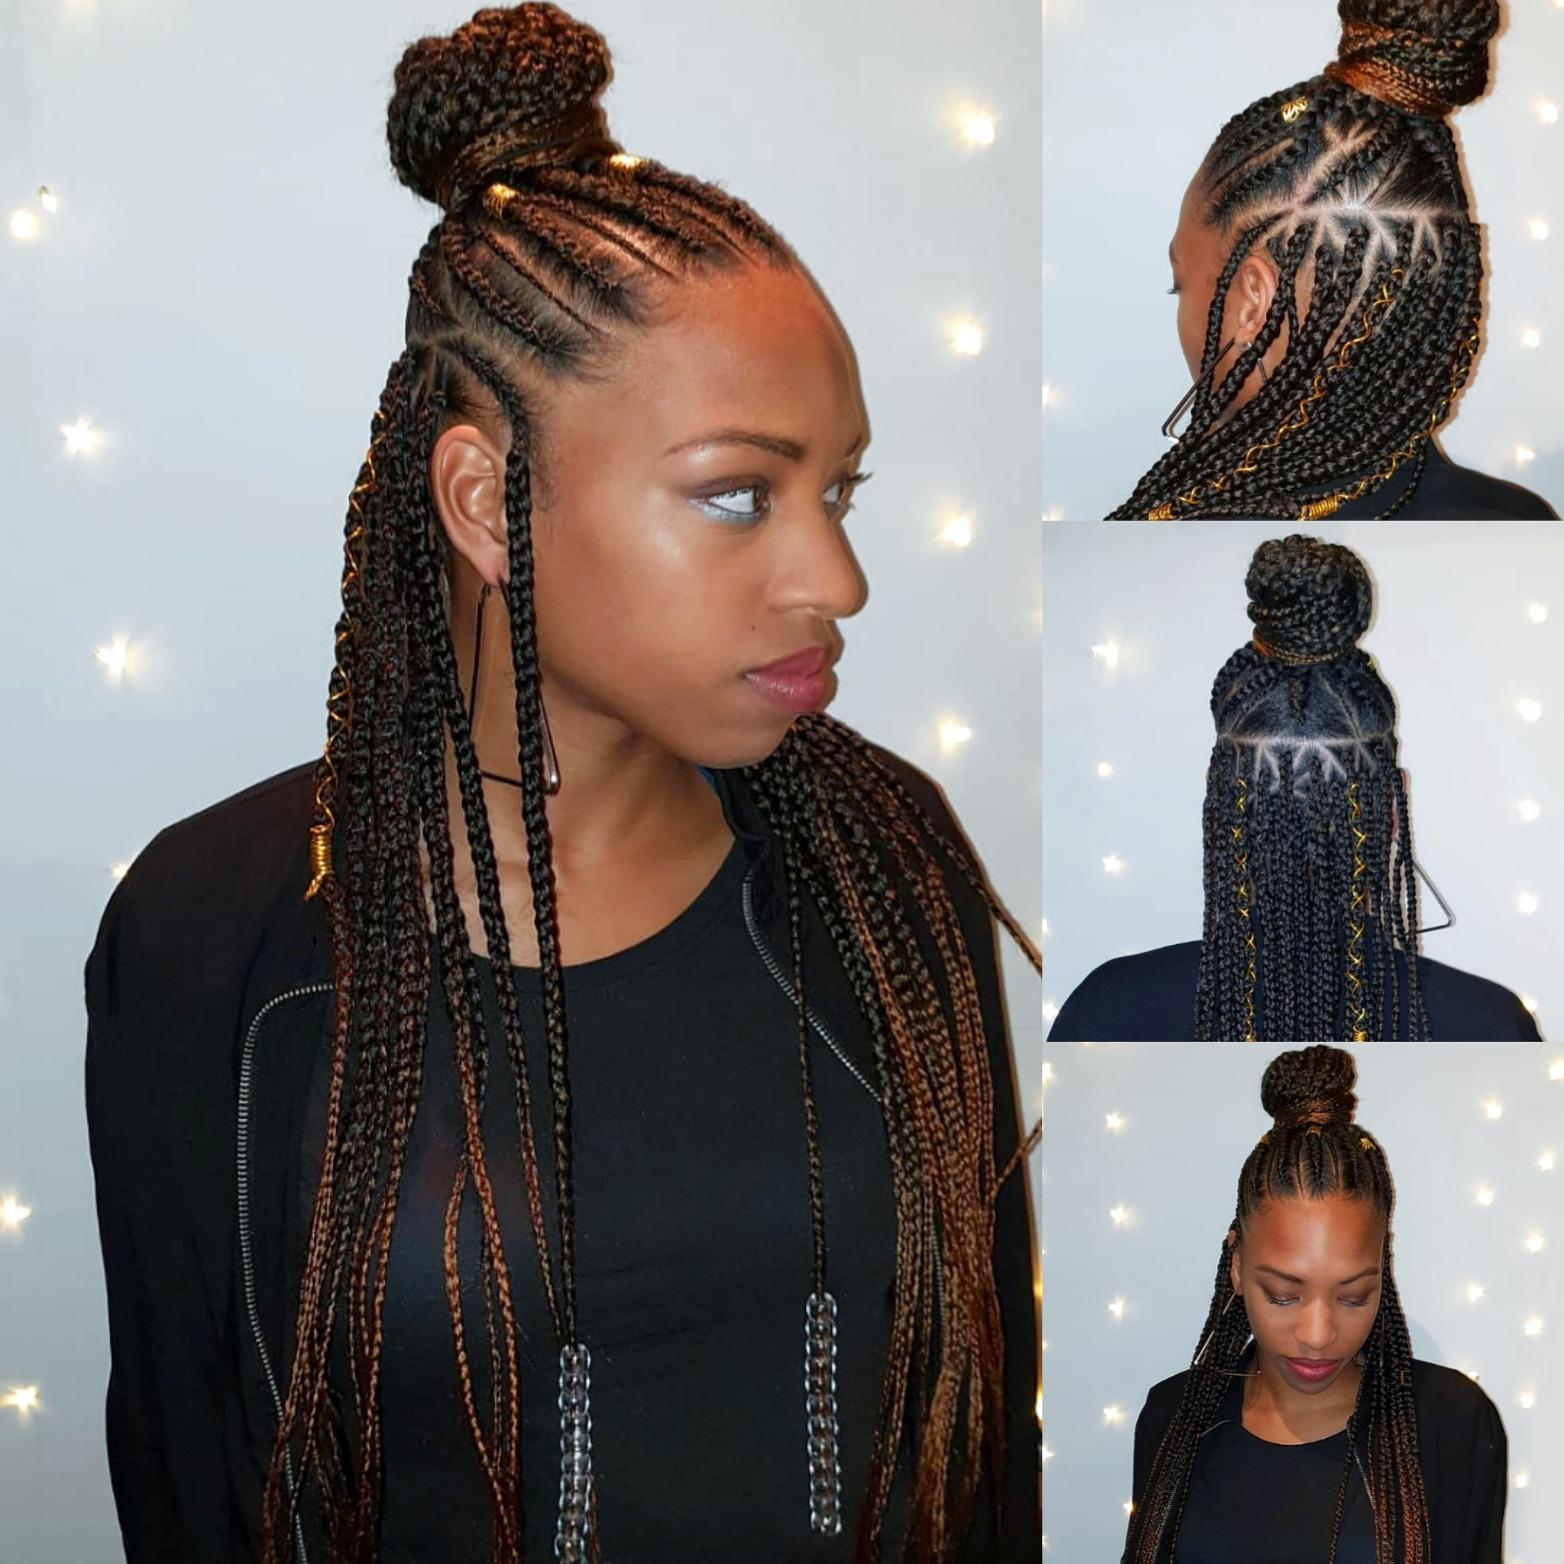 salon de coiffure afro tresse tresses box braids crochet braids vanilles tissages paris 75 77 78 91 92 93 94 95 DDBRVEXR